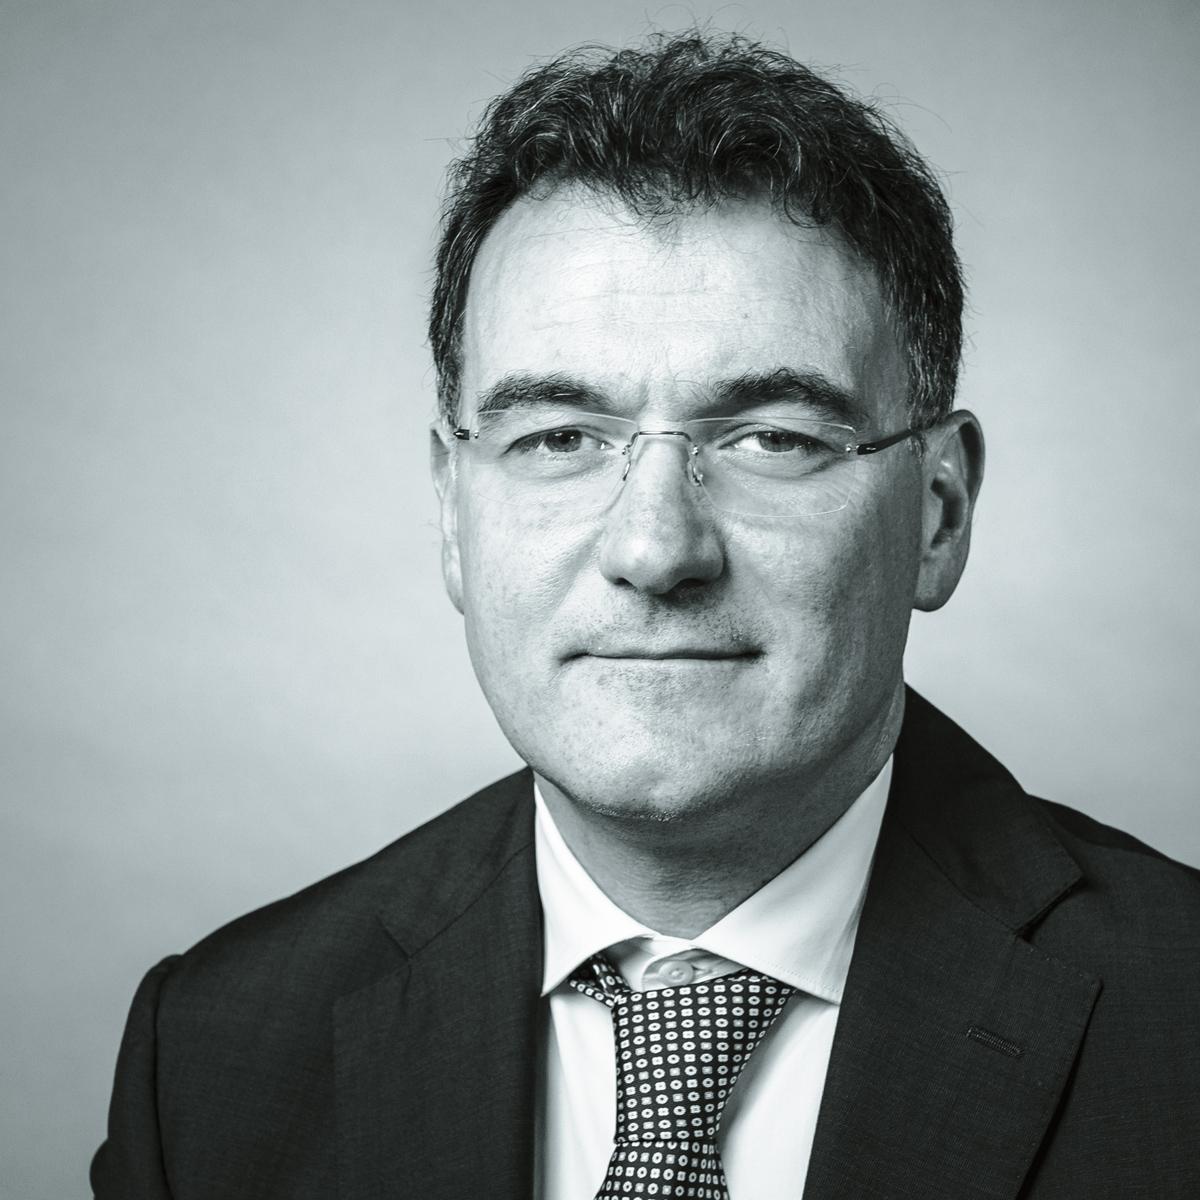 Marco Loreti